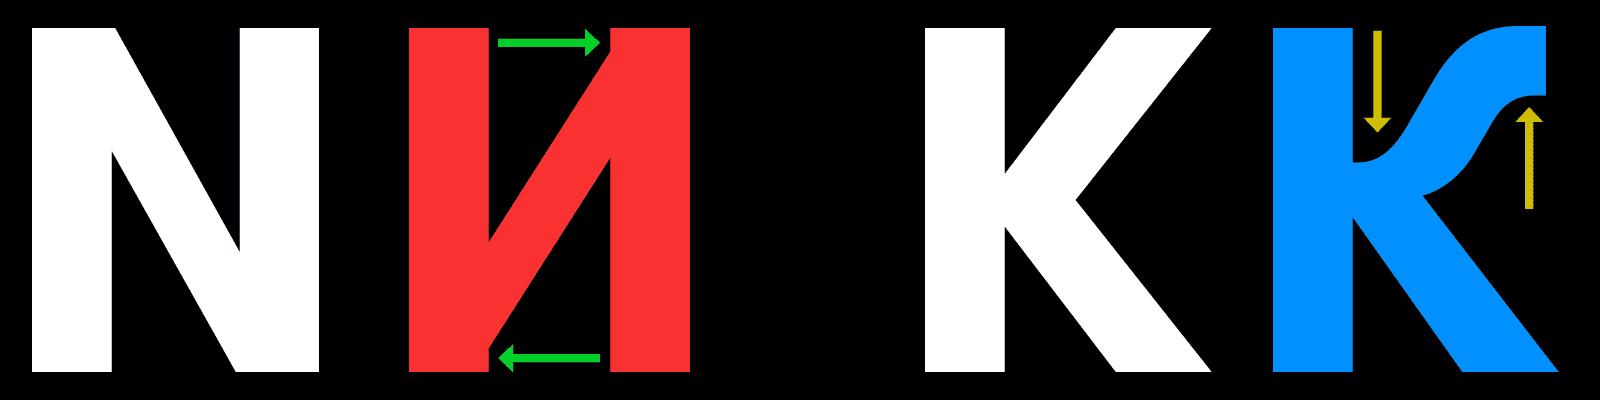 15_Type_Designers